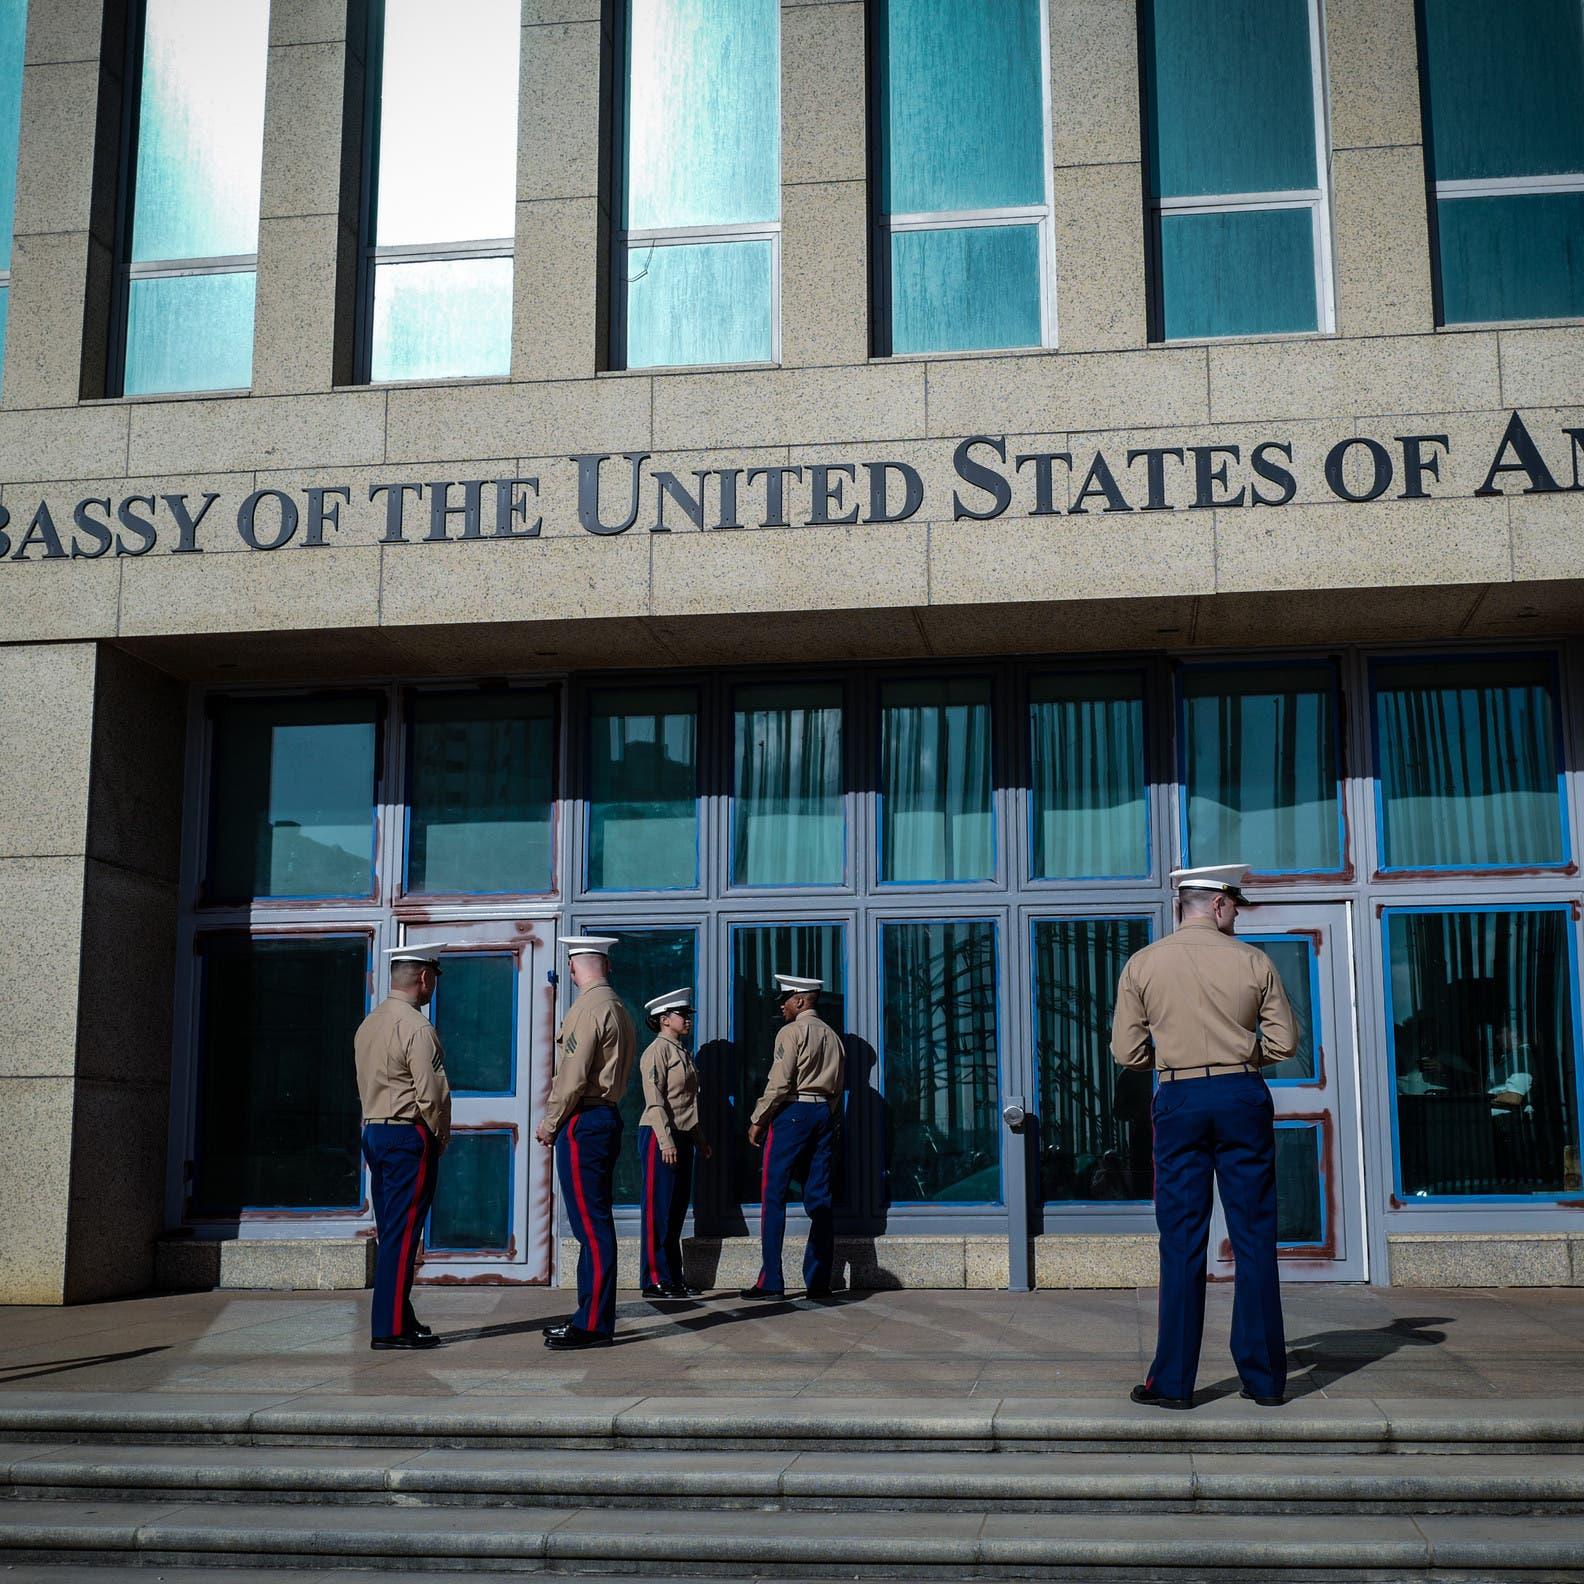 واشنطن تقلص عدد دبلوماسييها في هافانا.. وكوبا غاضبة